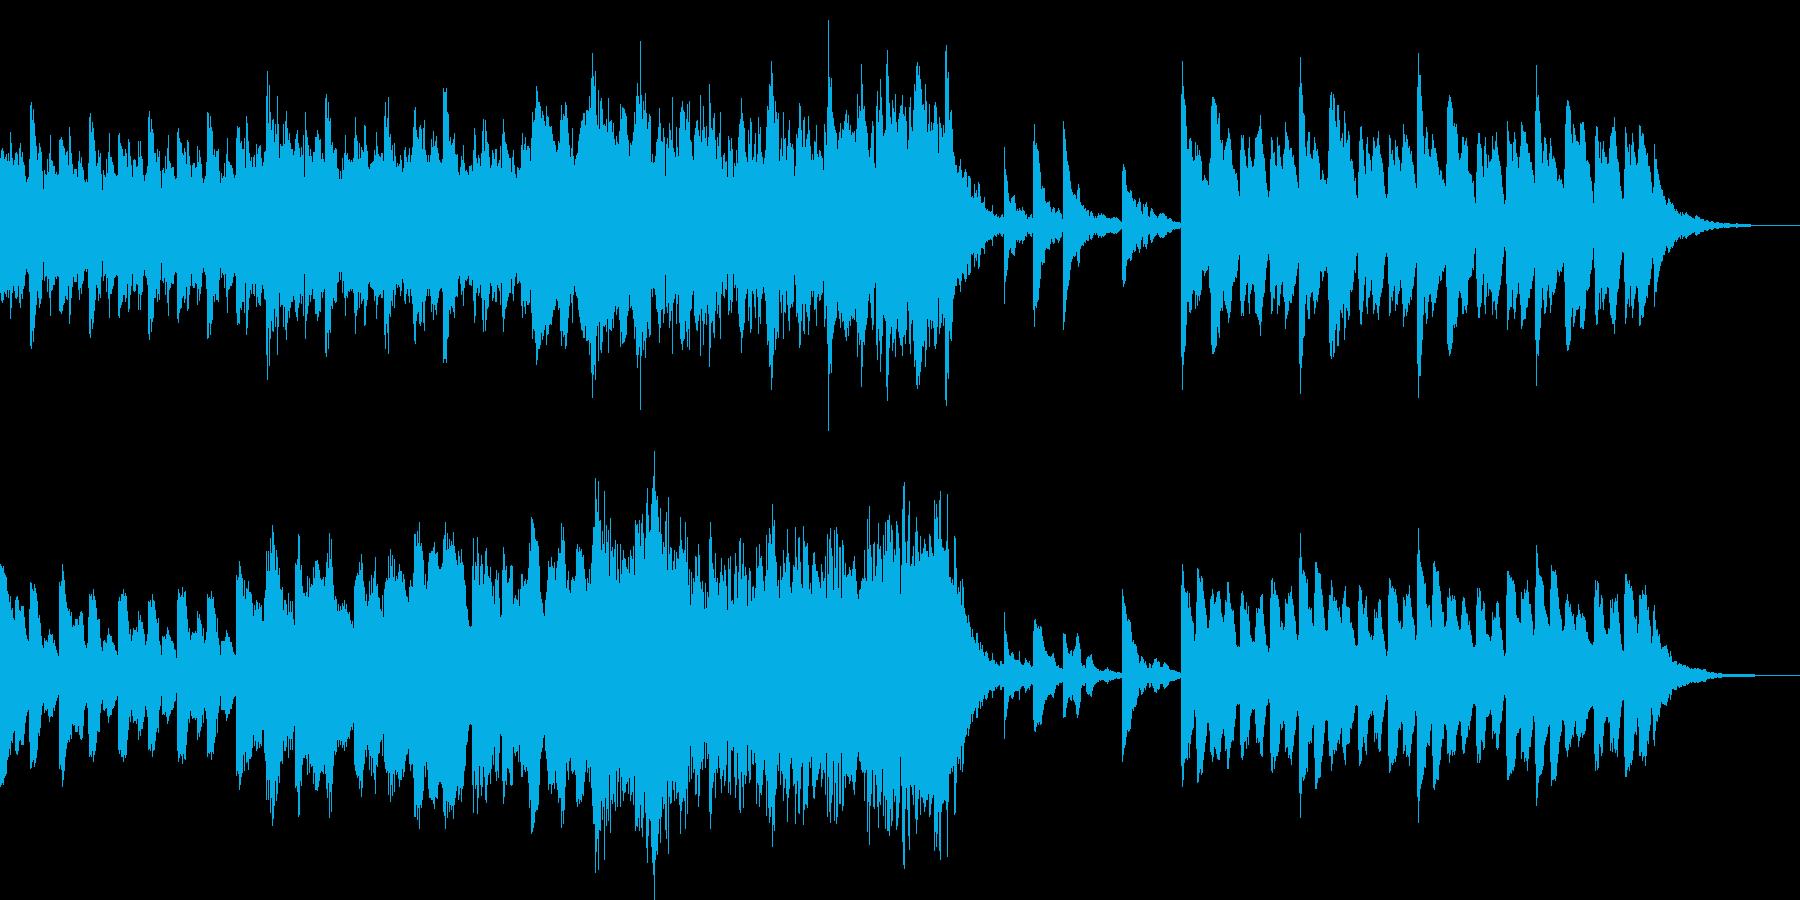 シネマチックなピアノサウンドの再生済みの波形